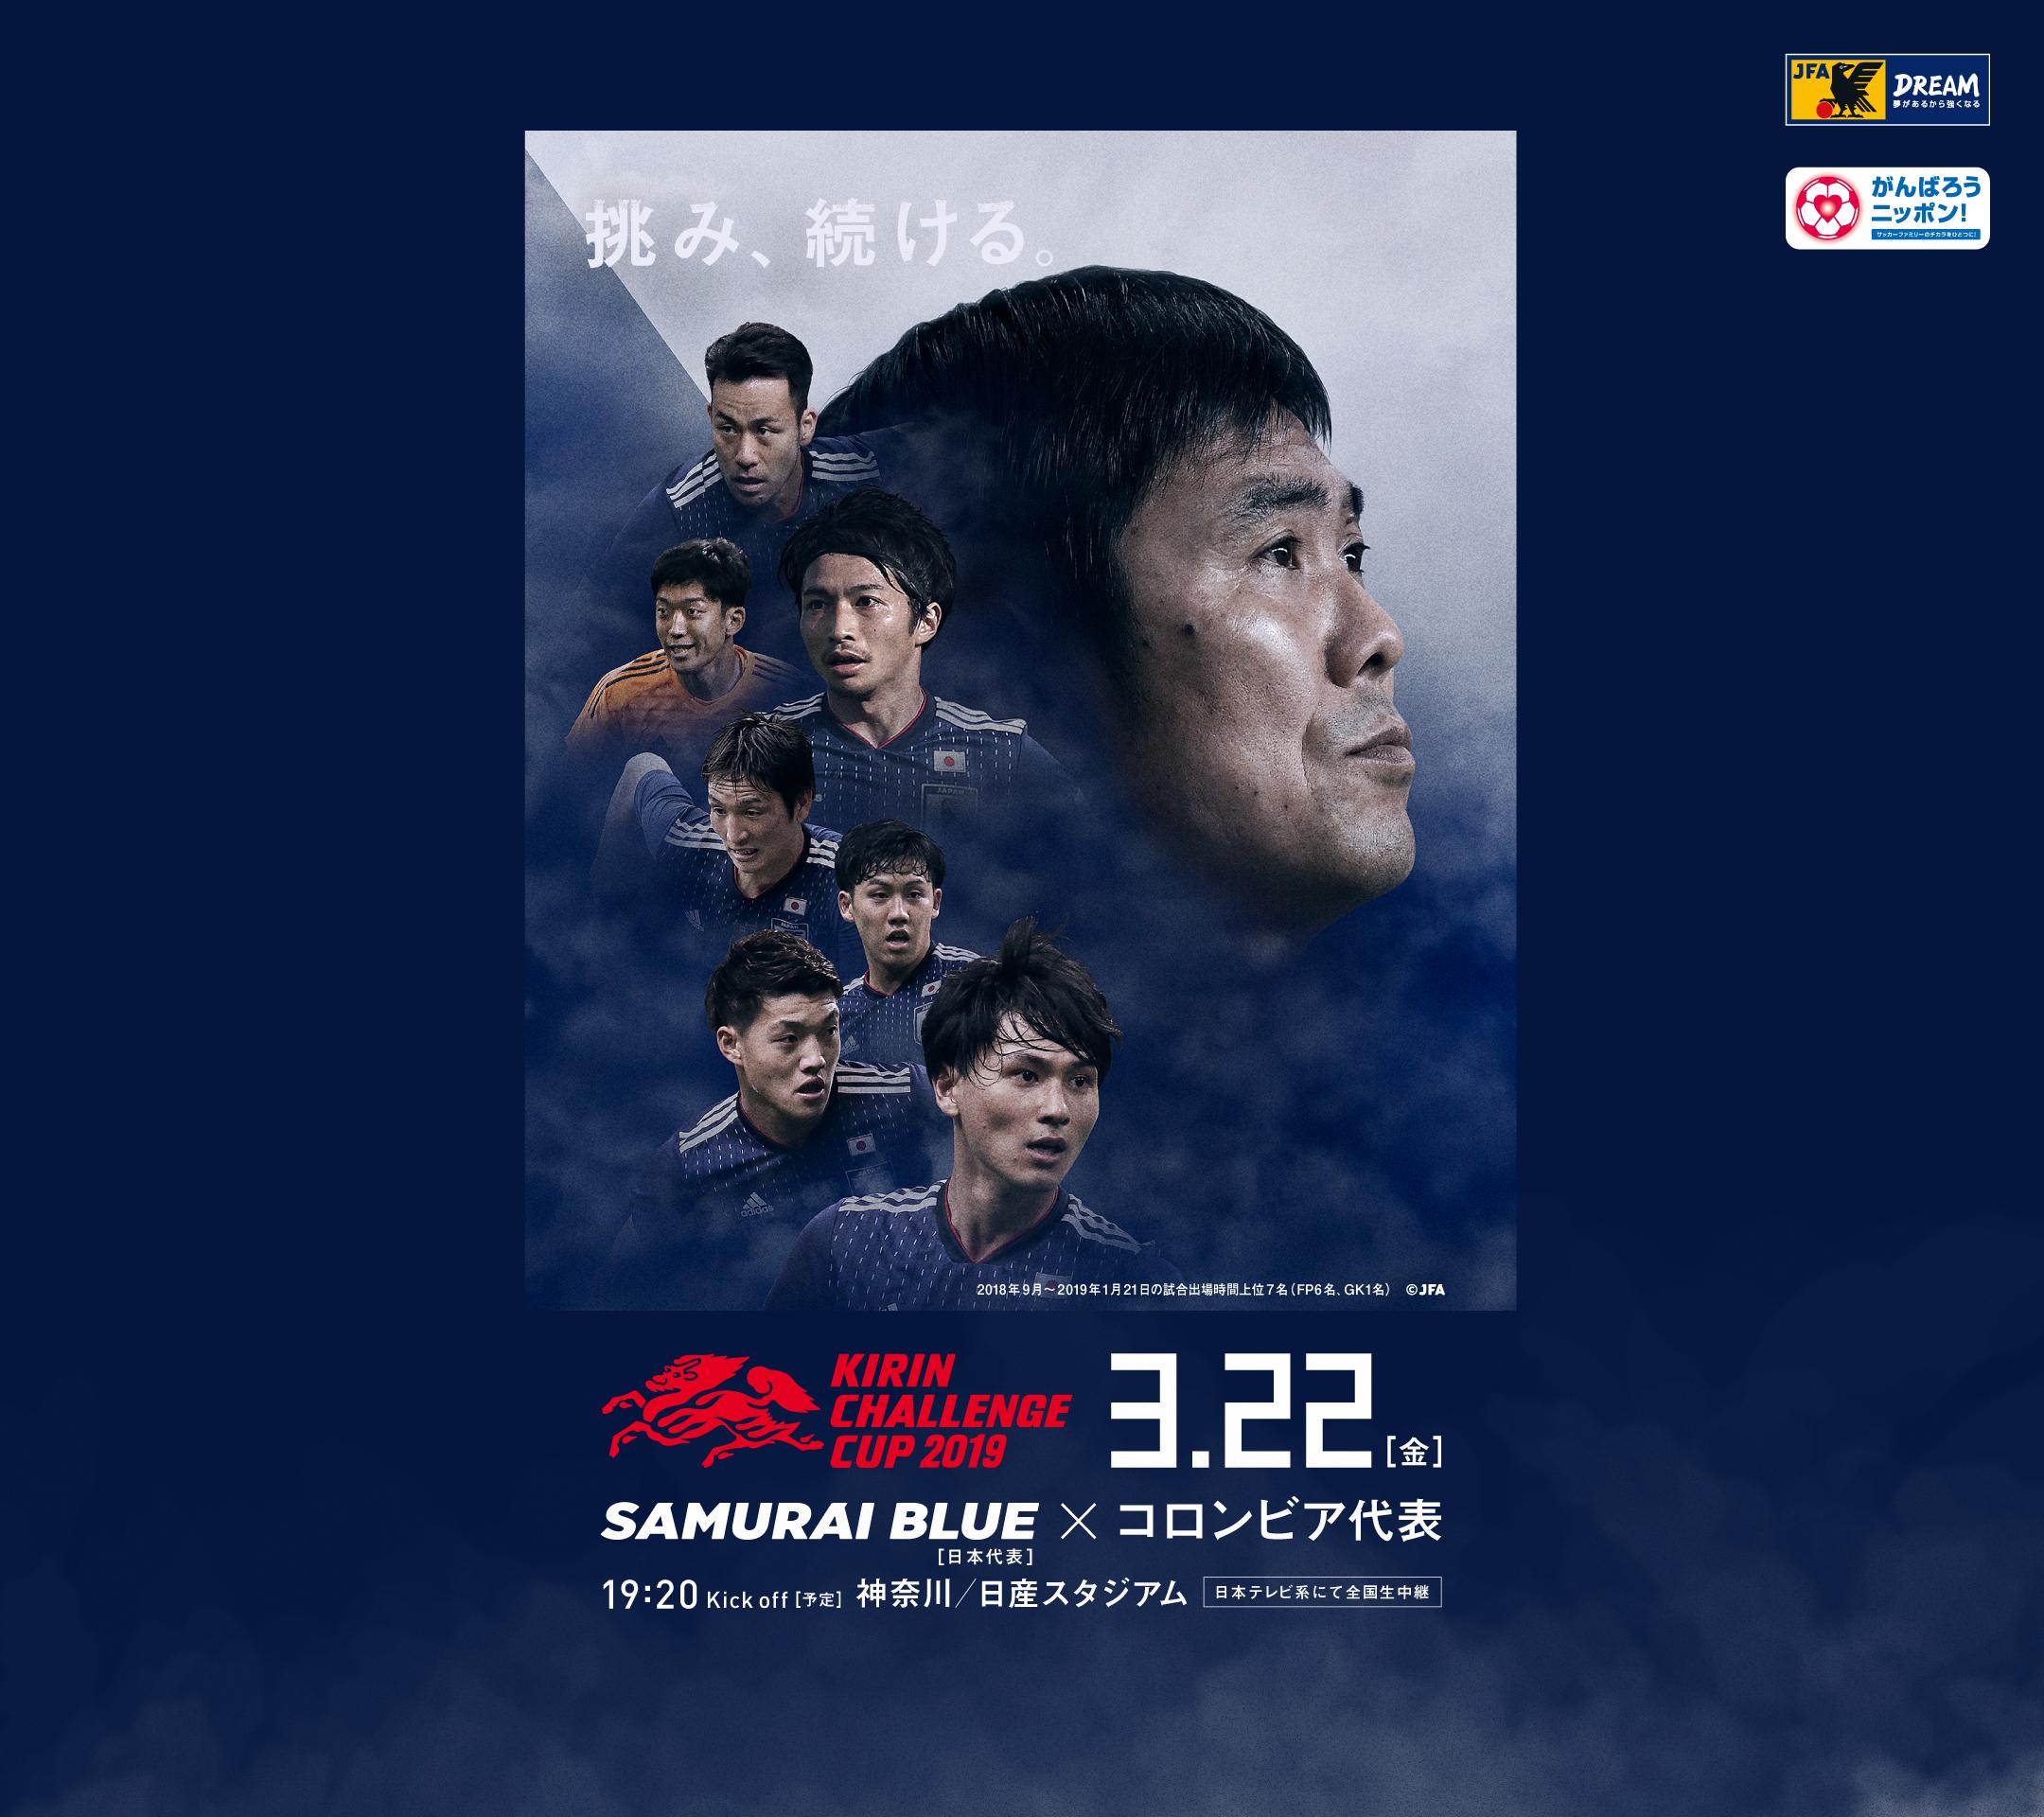 壁紙 ポスターダウンロード キリンチャレンジカップ2019 3 22